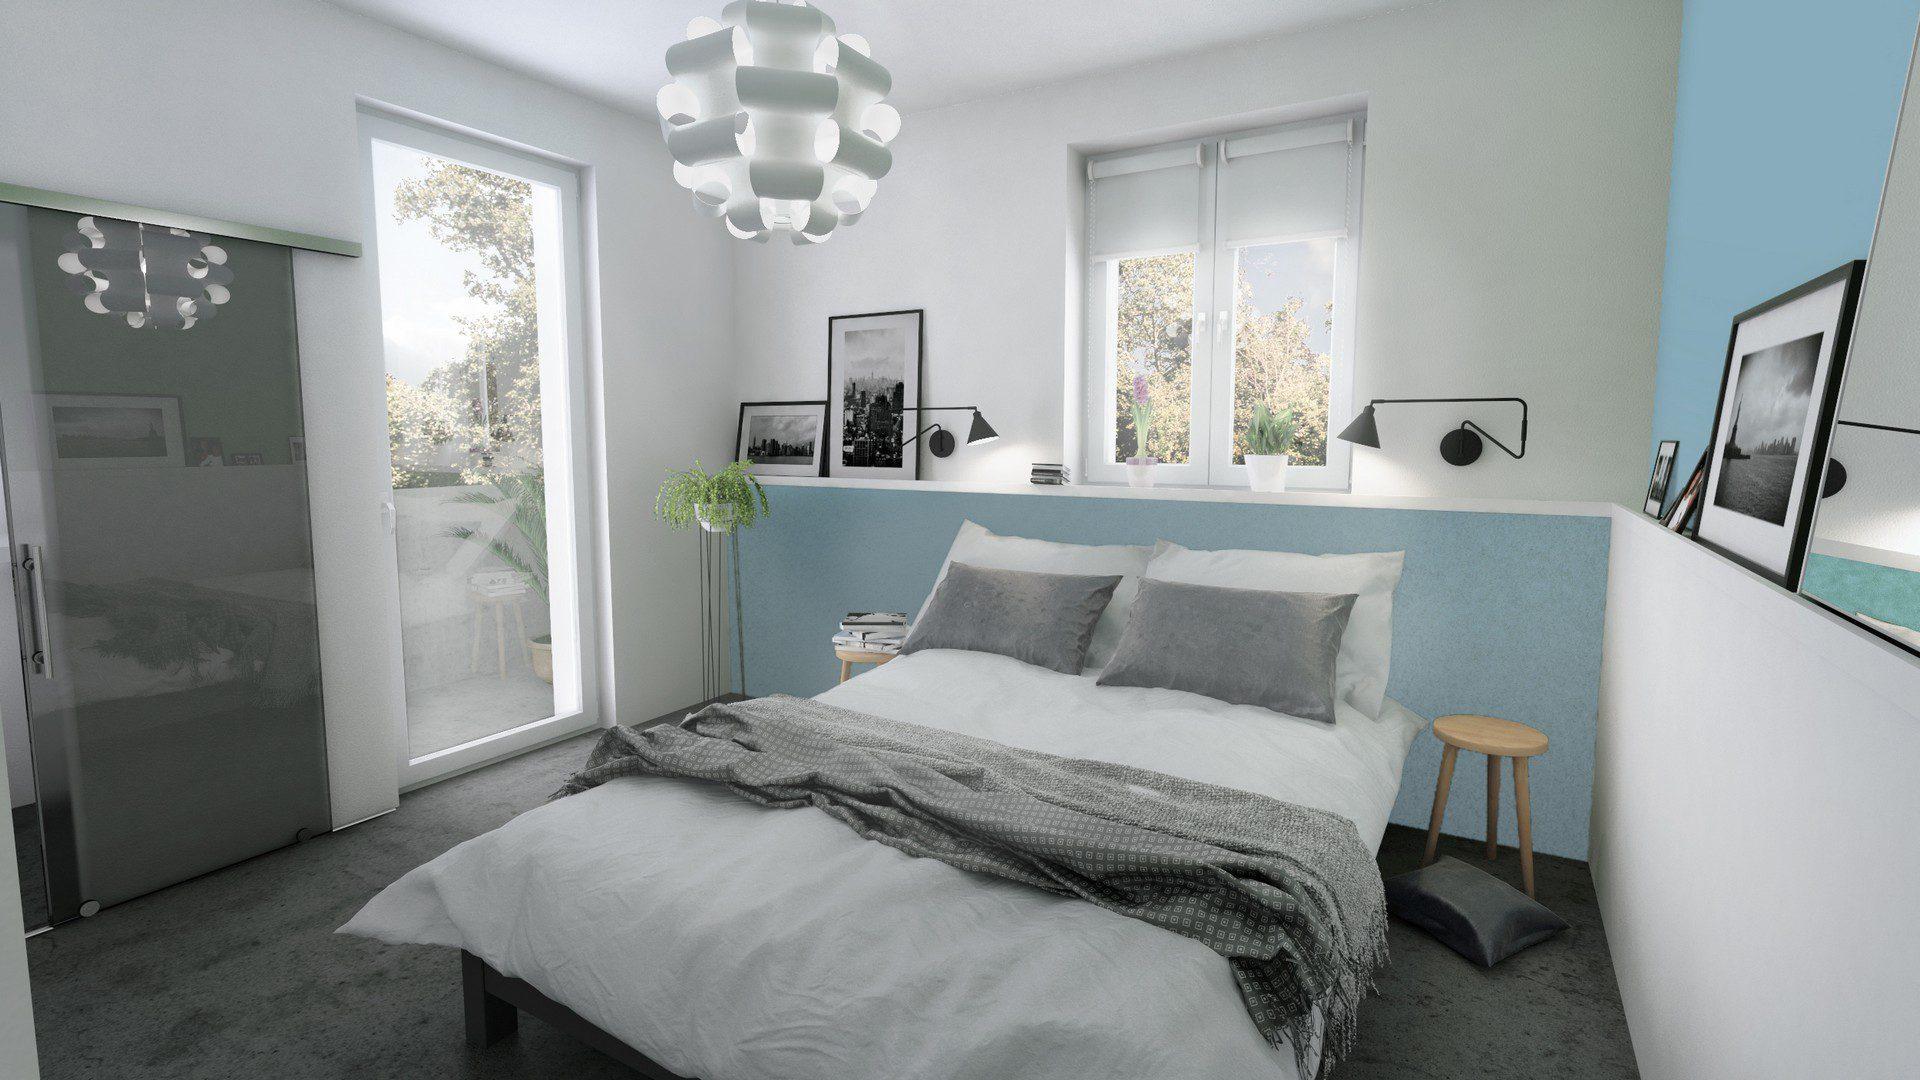 sypialnia wizualizacja architektoniczna